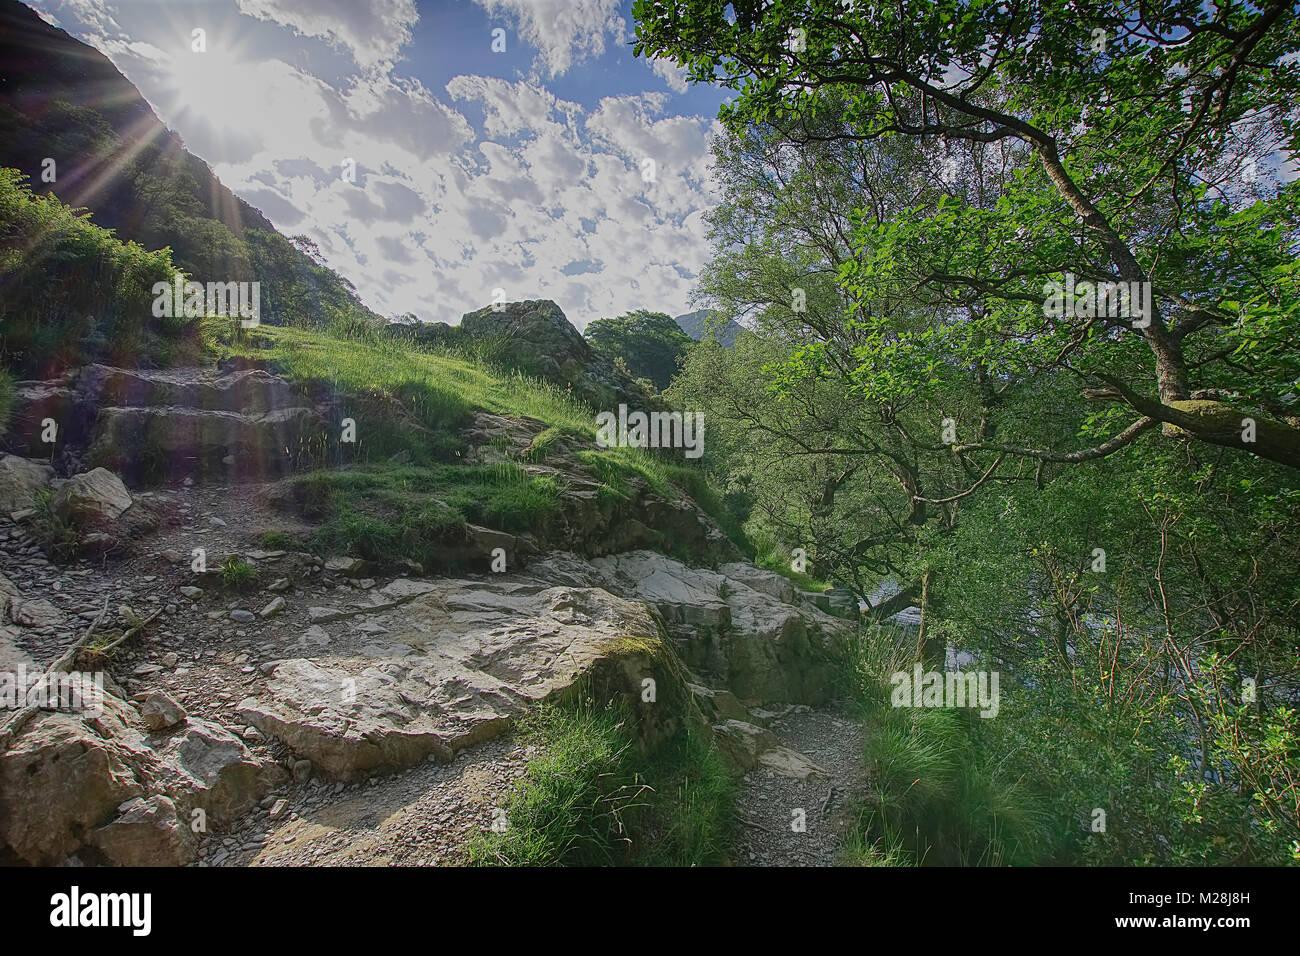 Trajet autour de la hure dans Parc National de Lake District, Cumbria, Royaume-Uni au printemps.uk.paysage paysage Photo Stock